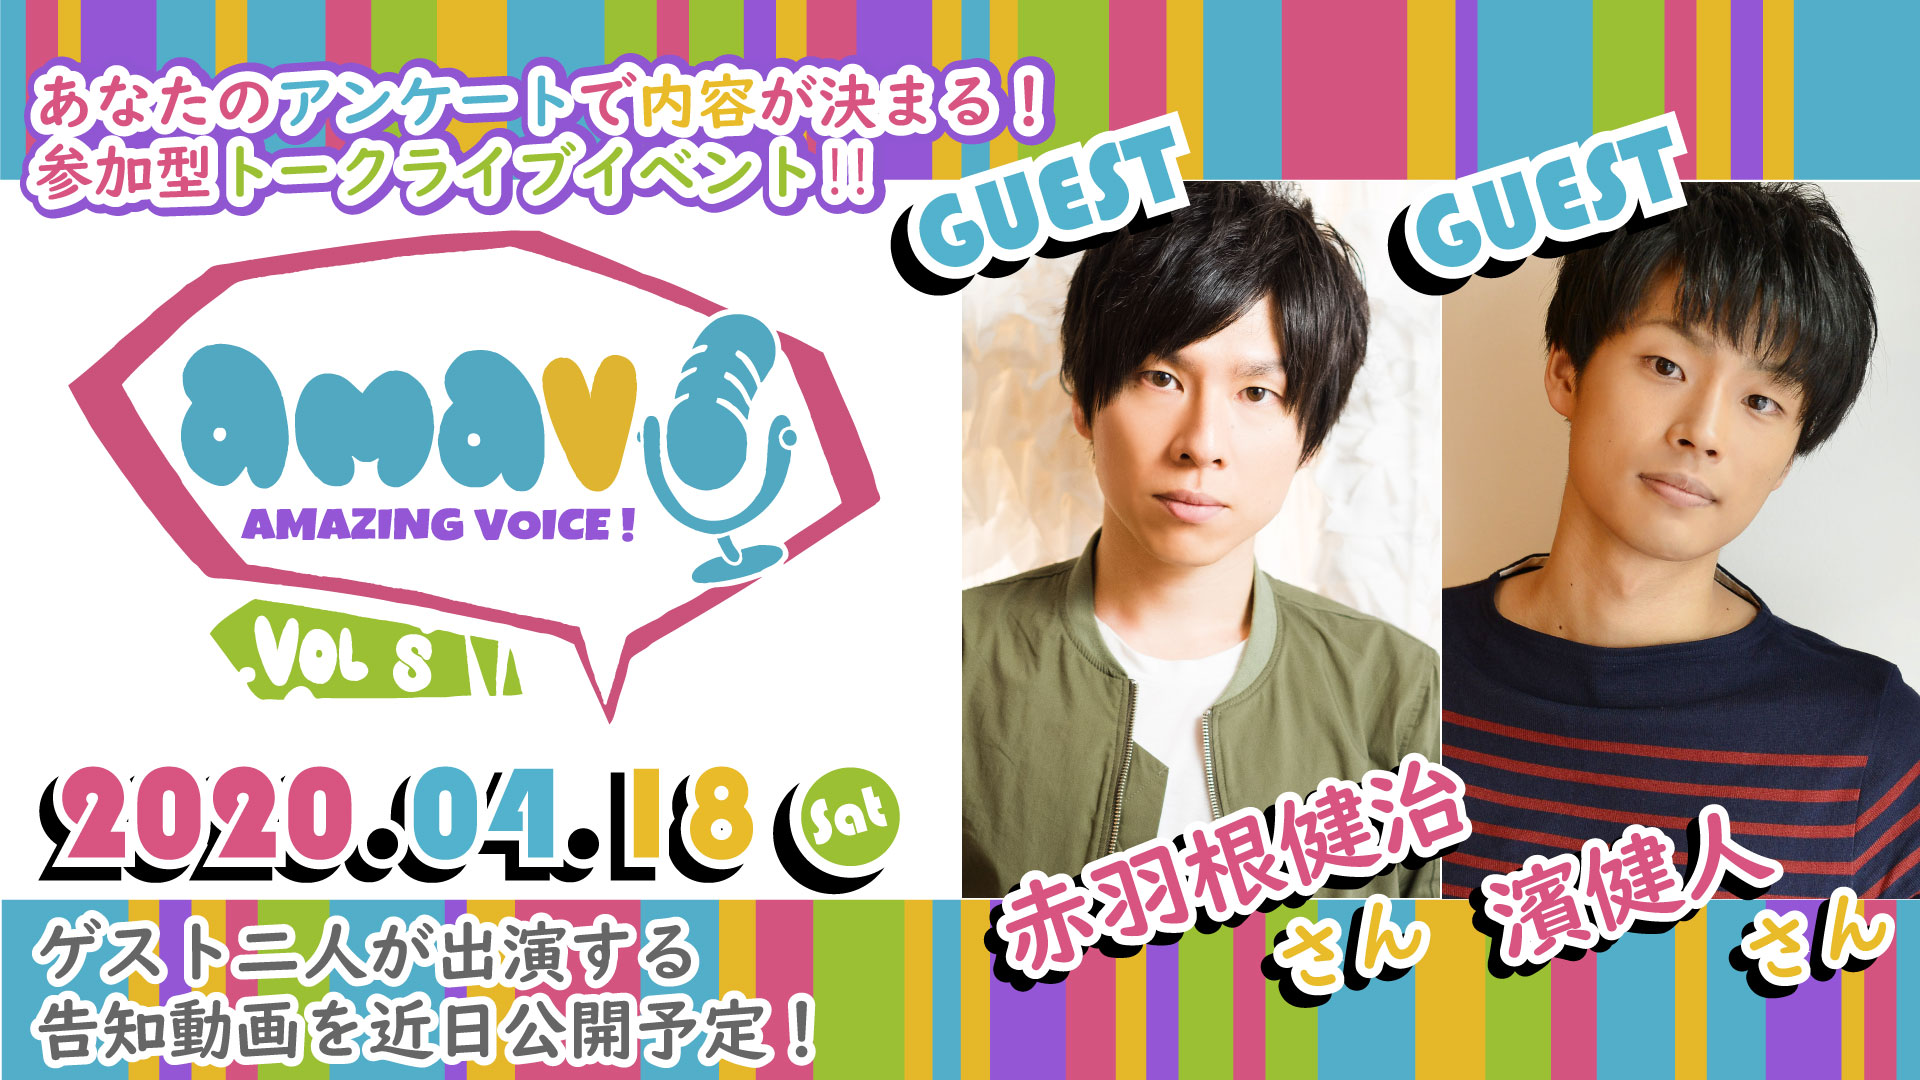 amavo vol.8 【Guest:赤羽根健治さん 濱健人さん】